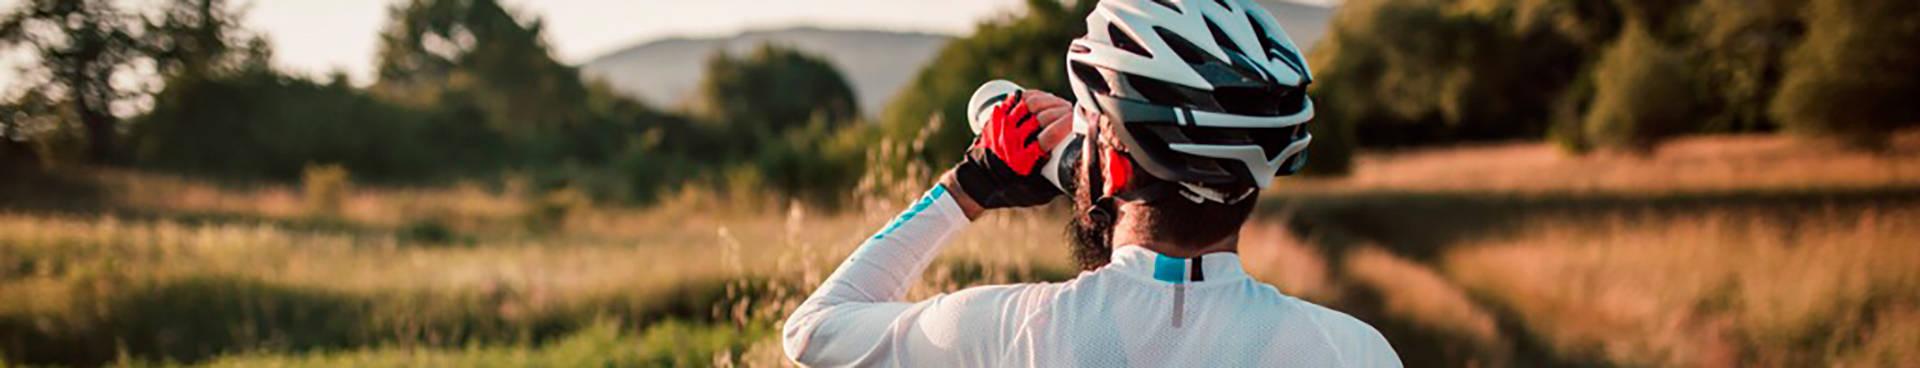 hidratación en el deporte; un ciclista descansa para en el campo para beber agua